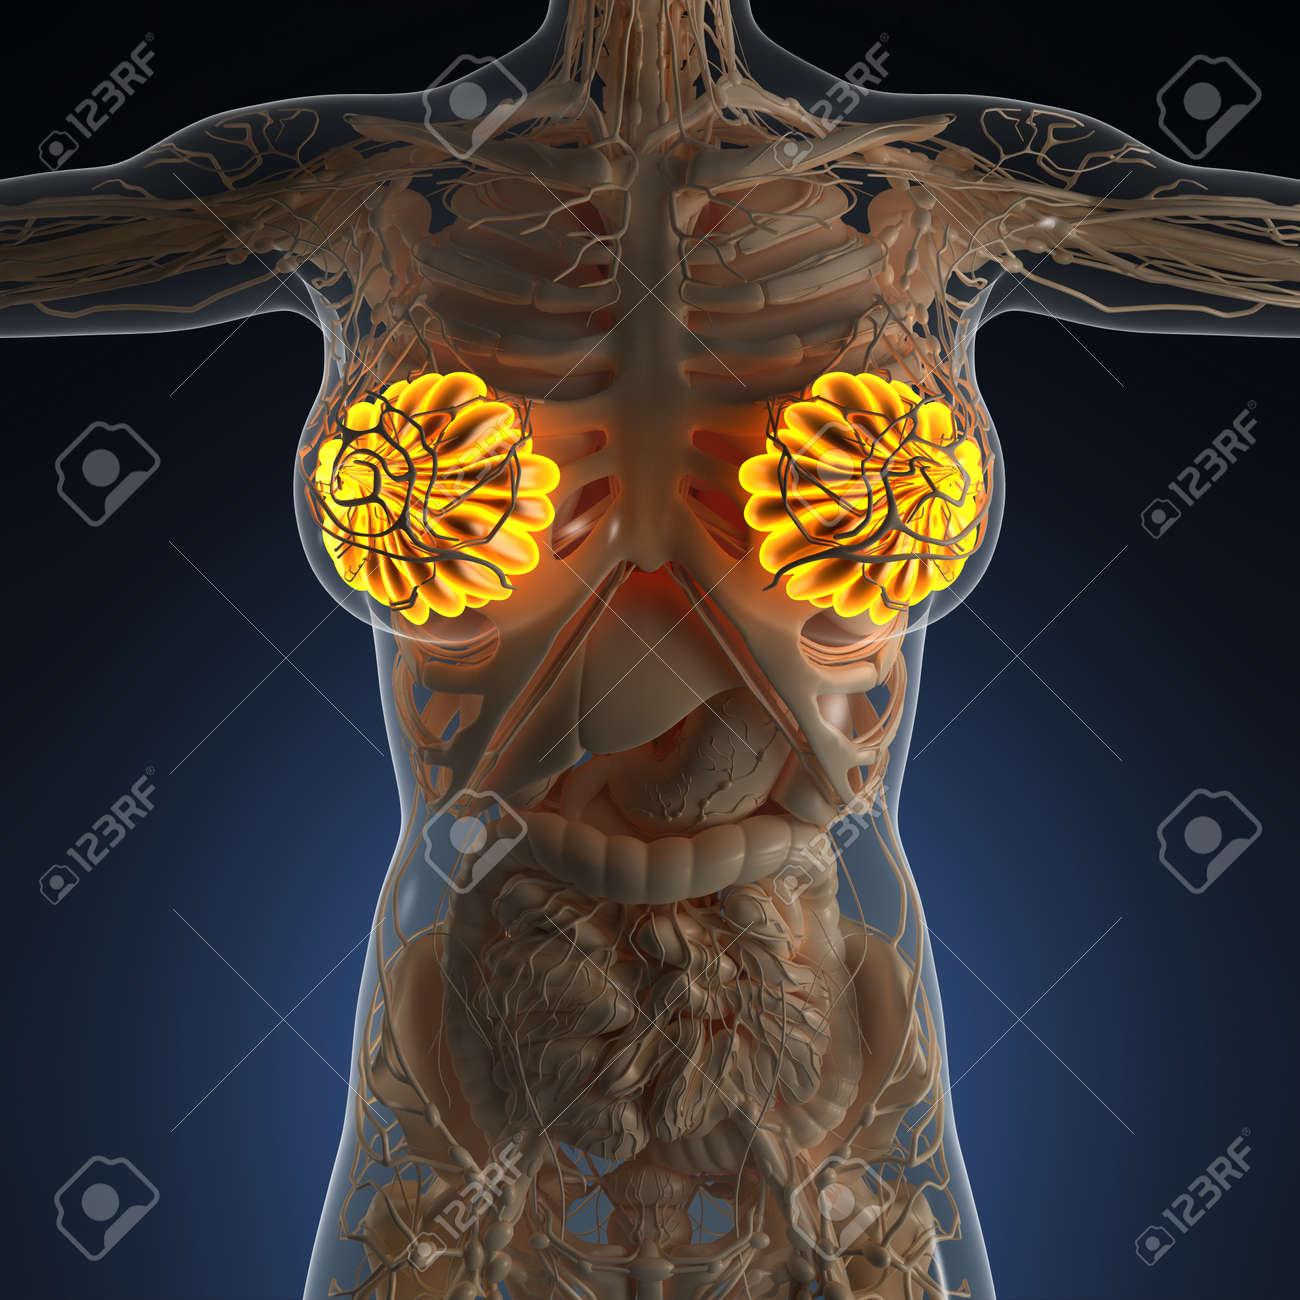 Science Anatomy Of Human Body With Glow Mammary Gland Stock Photo ...